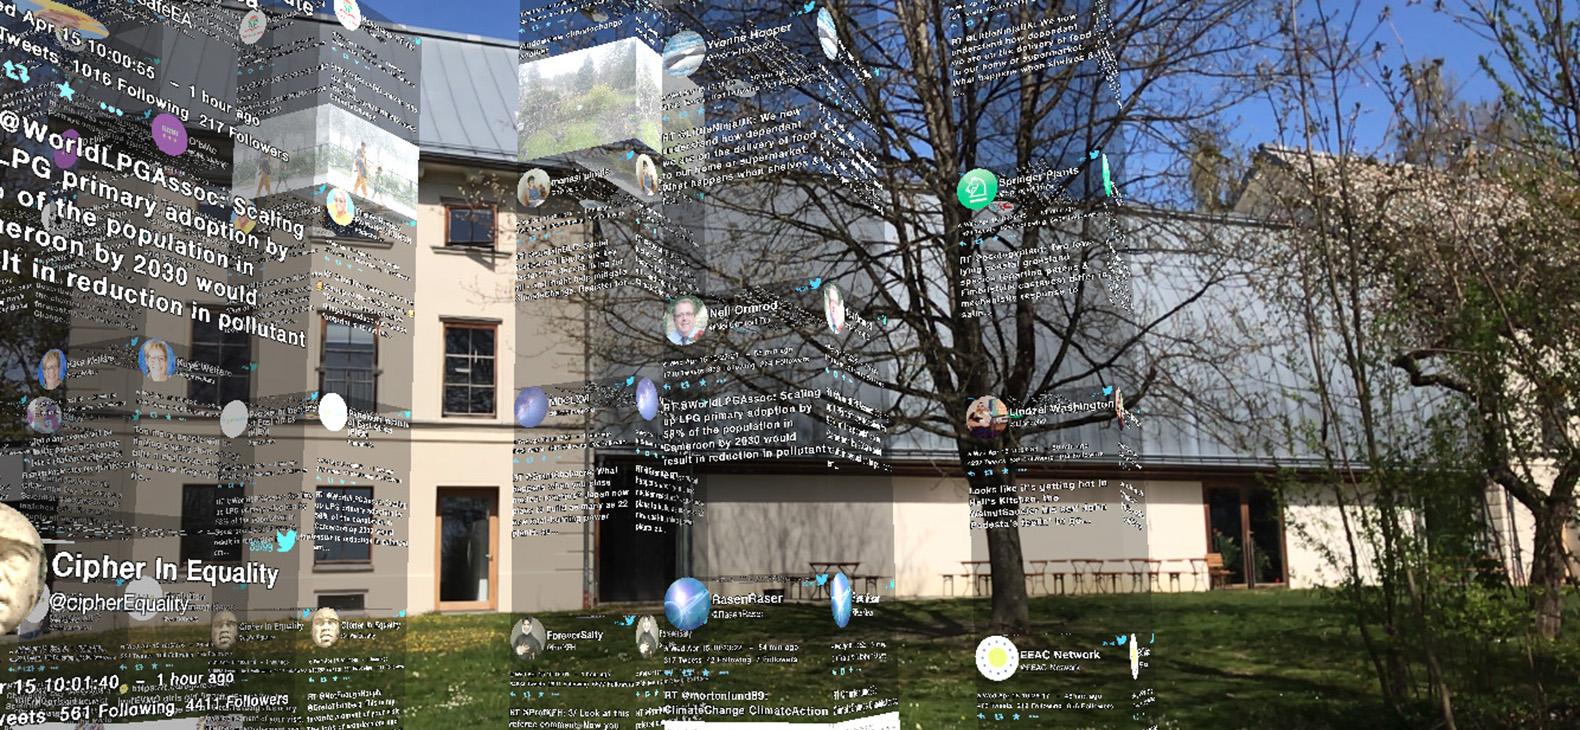 10.000 Moving Cities - Same but Different, AR Marc Lee in Kooperation mit dem Lehrstuhl für SensorAktorSysteme (ISAS) am Karlsruher Institut für Technologie (KIT). App für Smartphones und Tablets.